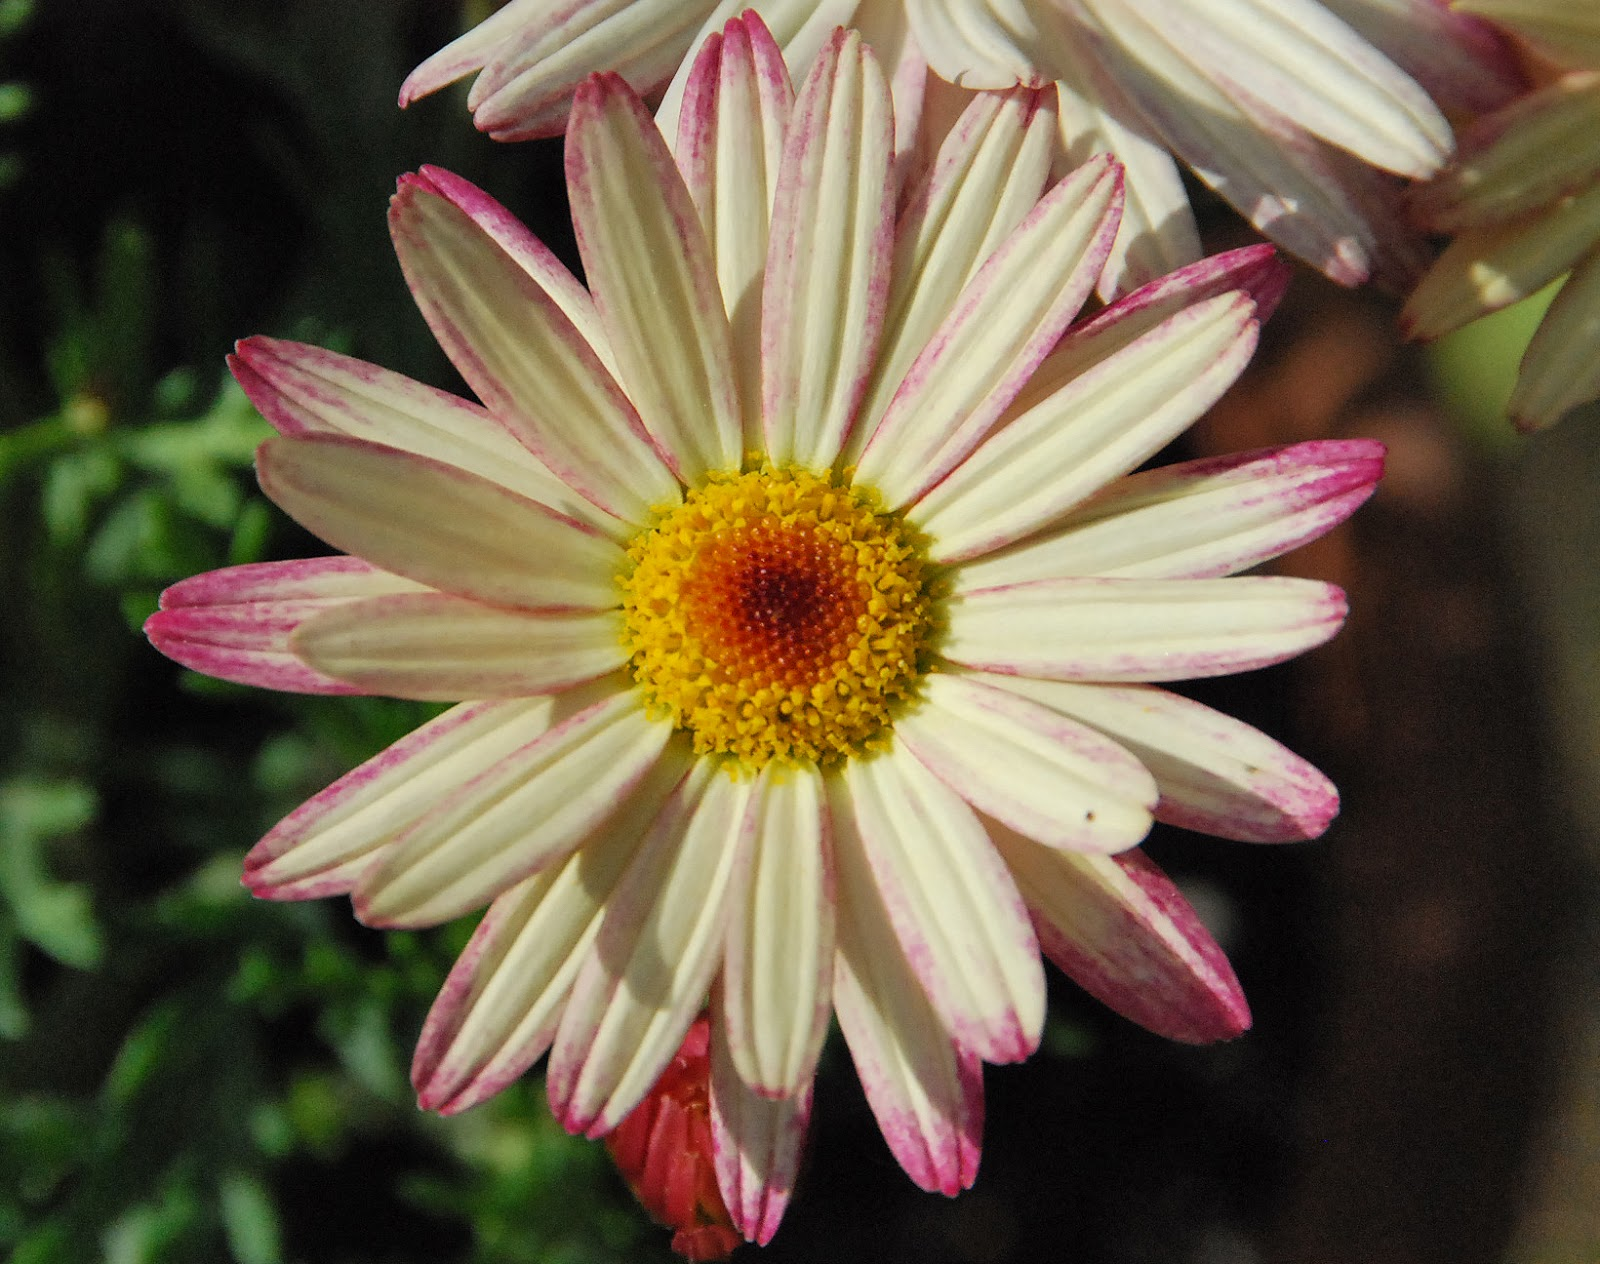 ¿Cómo encontrar varios tipos de flores? eHow en Español - Fotos De Varios Tipos De Flores